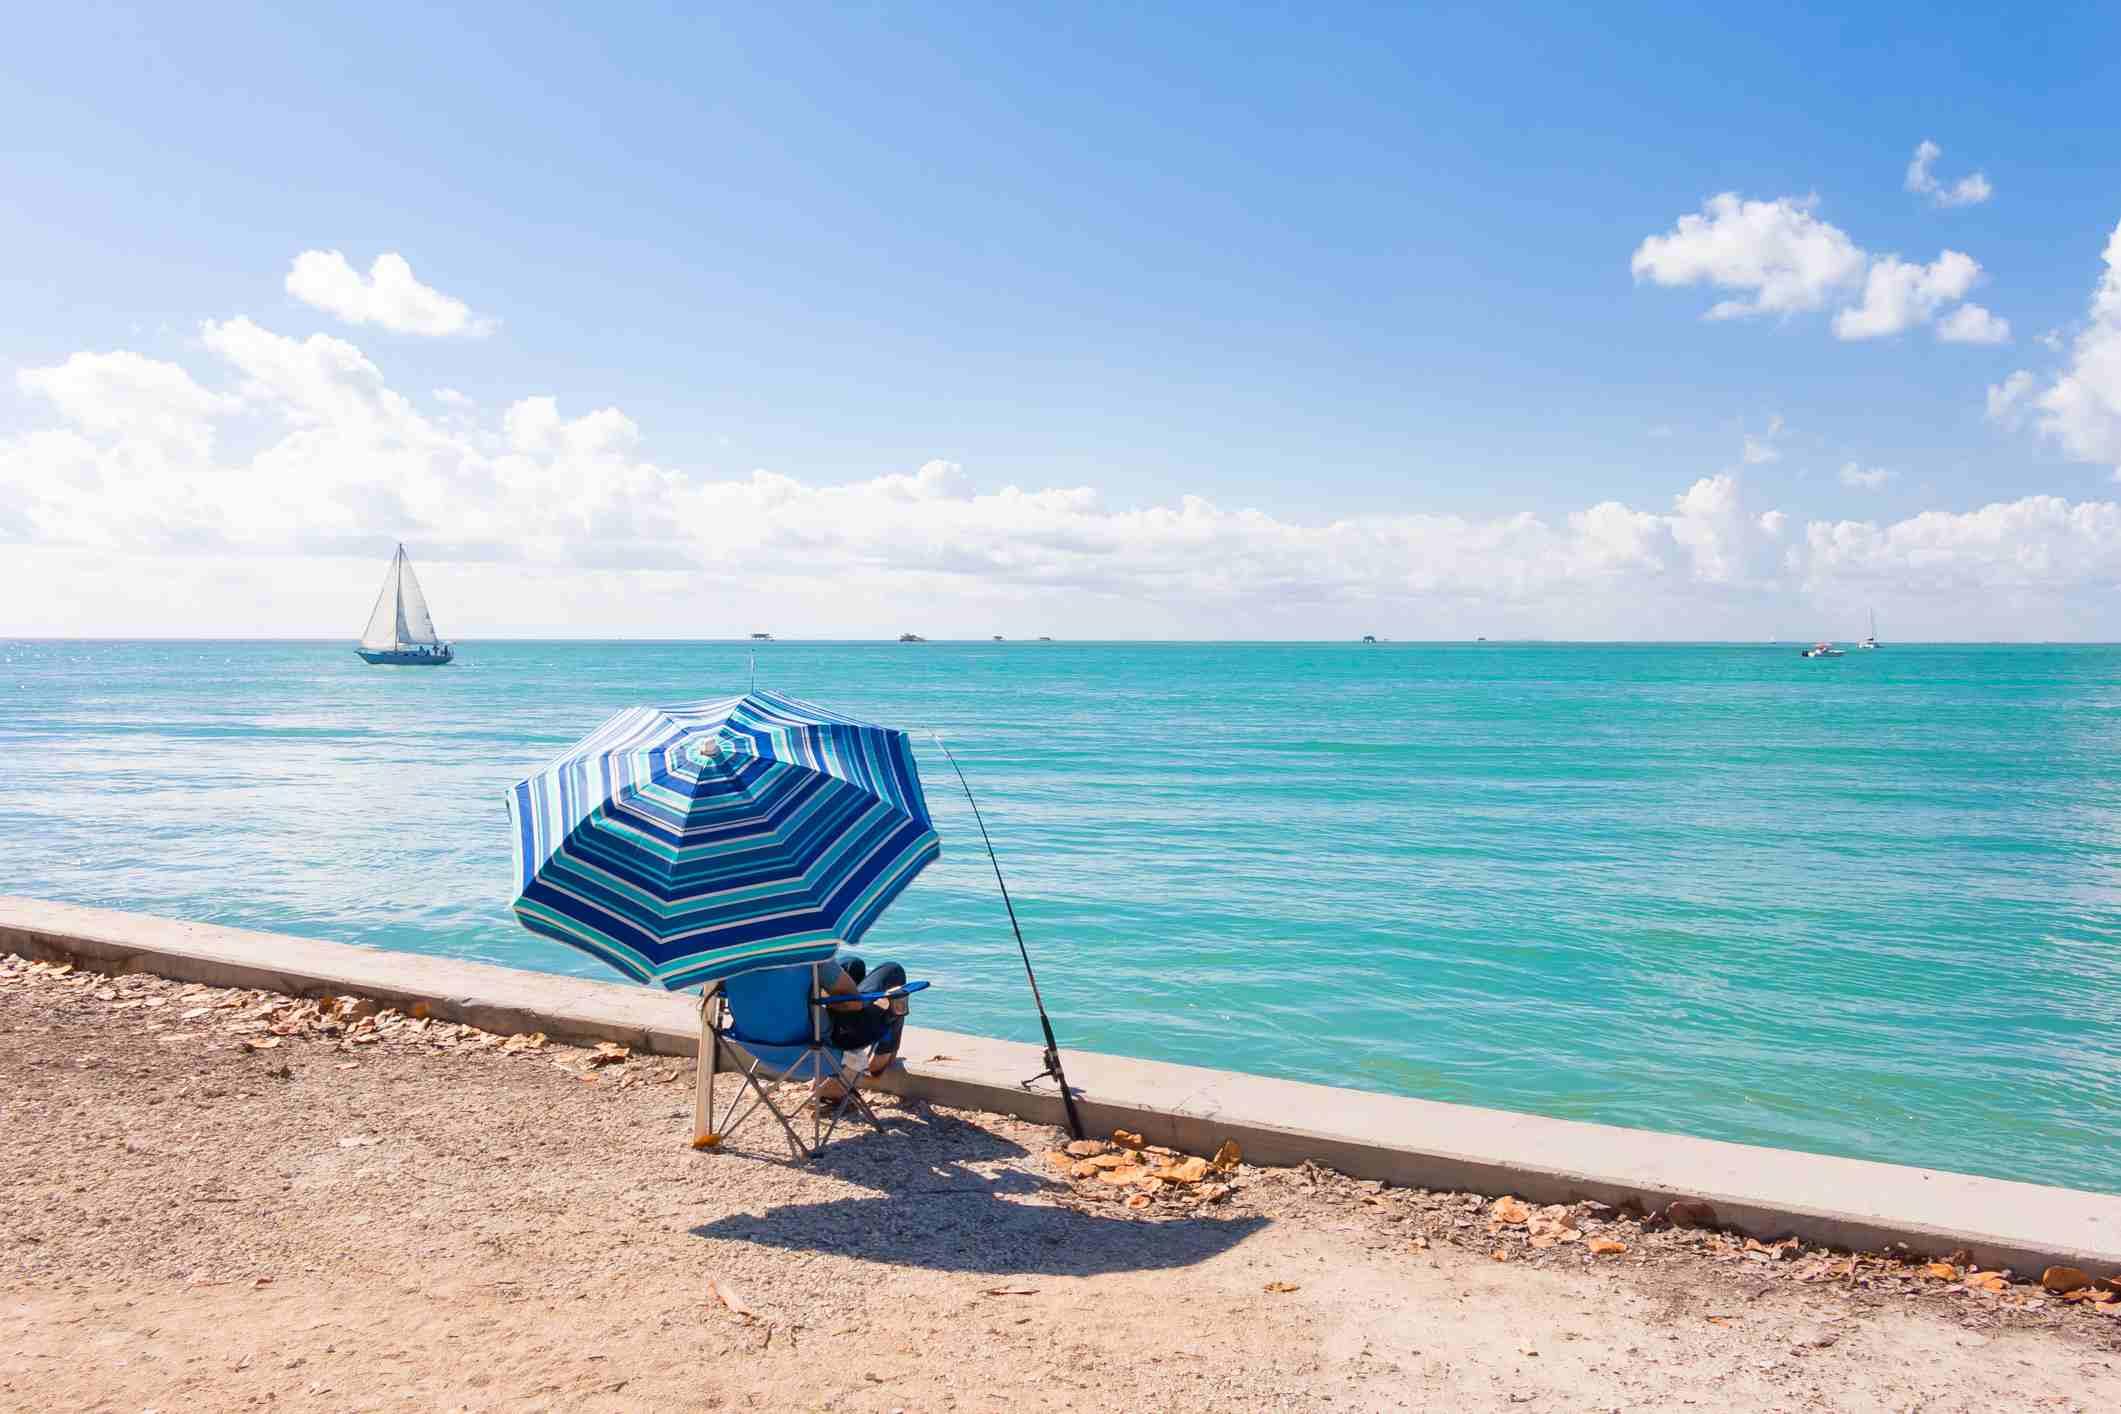 Man fishing in Key Biscayne, Florida